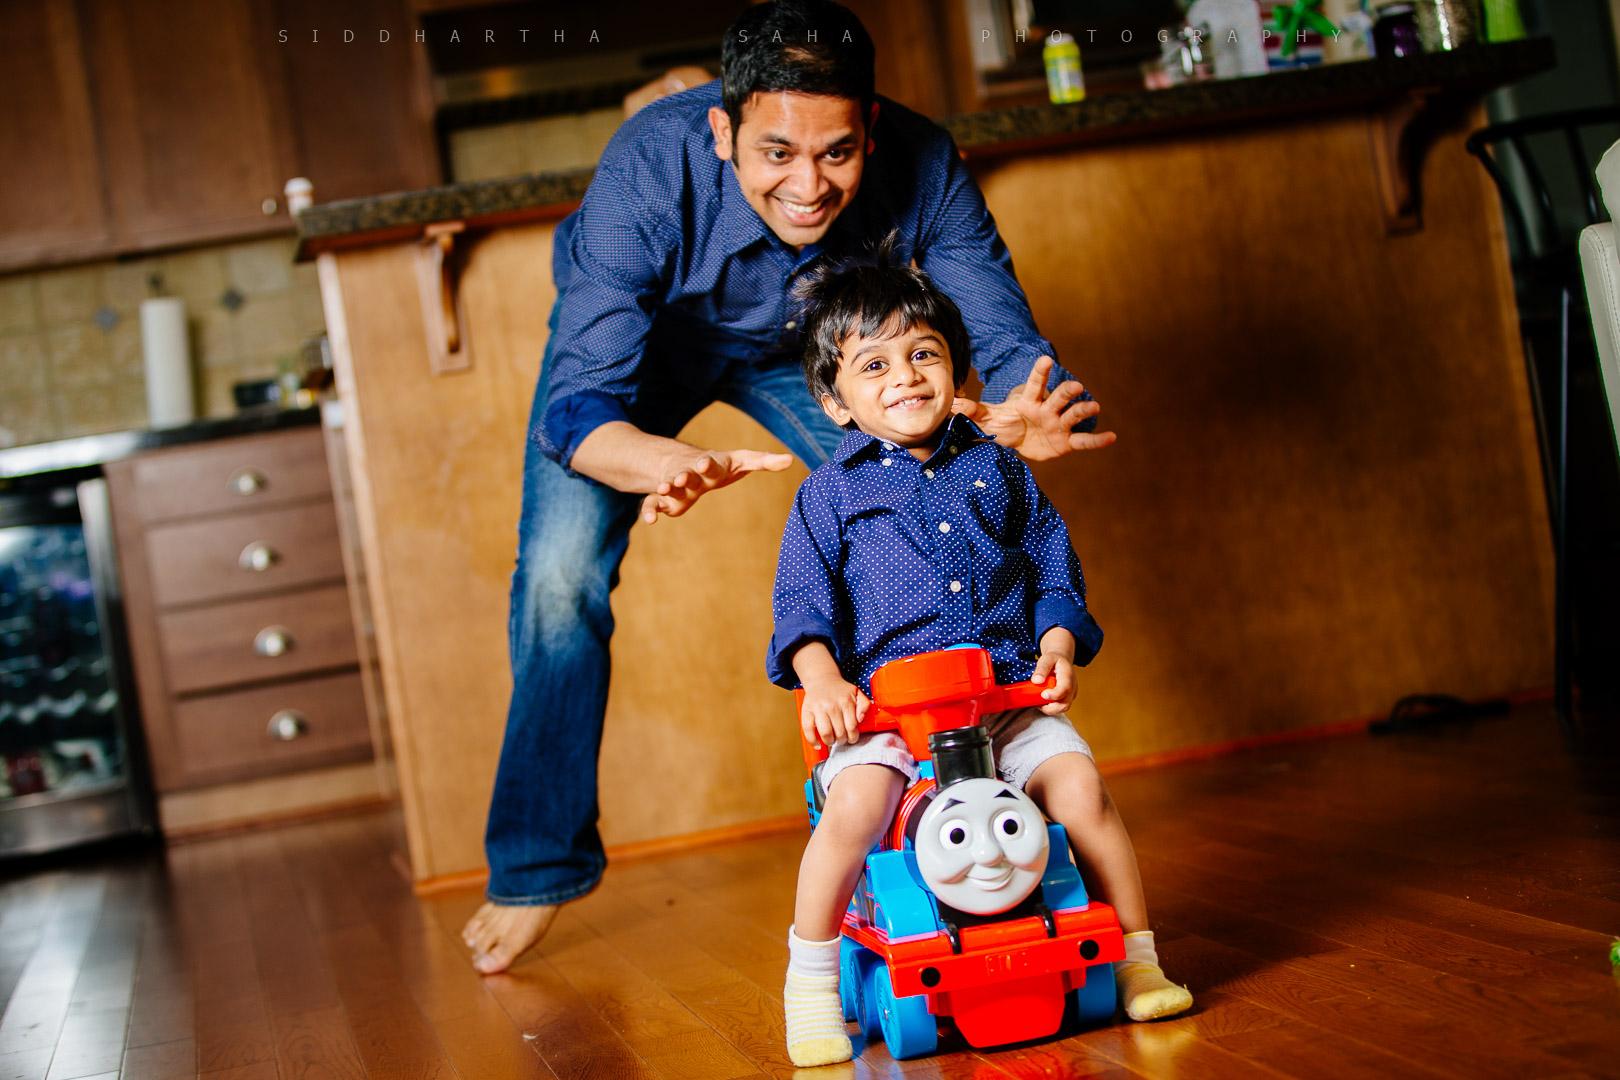 2015-06-14 - Ranjani Naveen Vihaan Photoshoot - _05Y6952